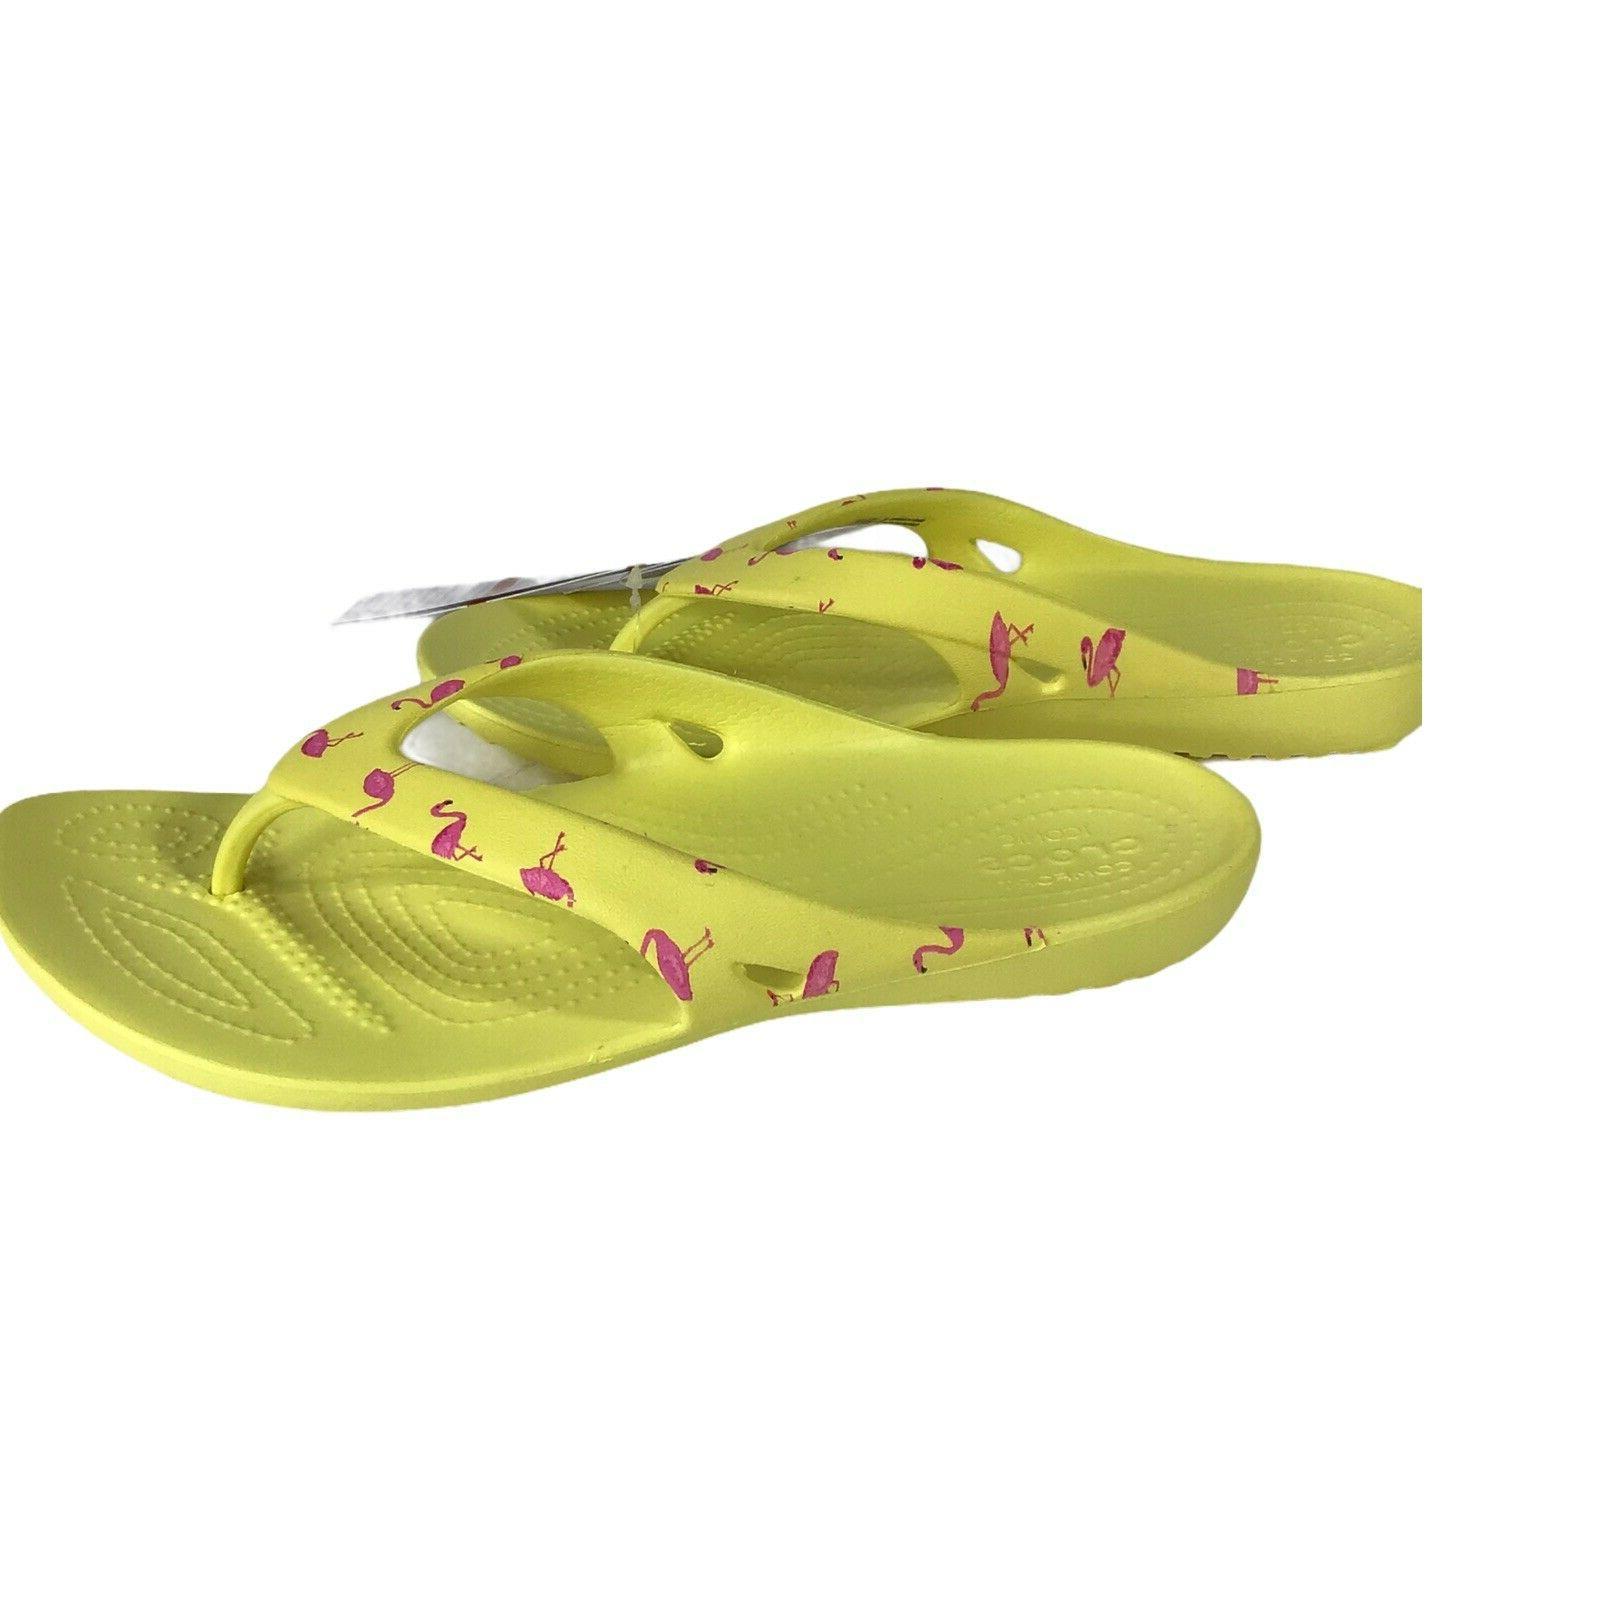 kadee ii seasonal graphic flip flops yellow